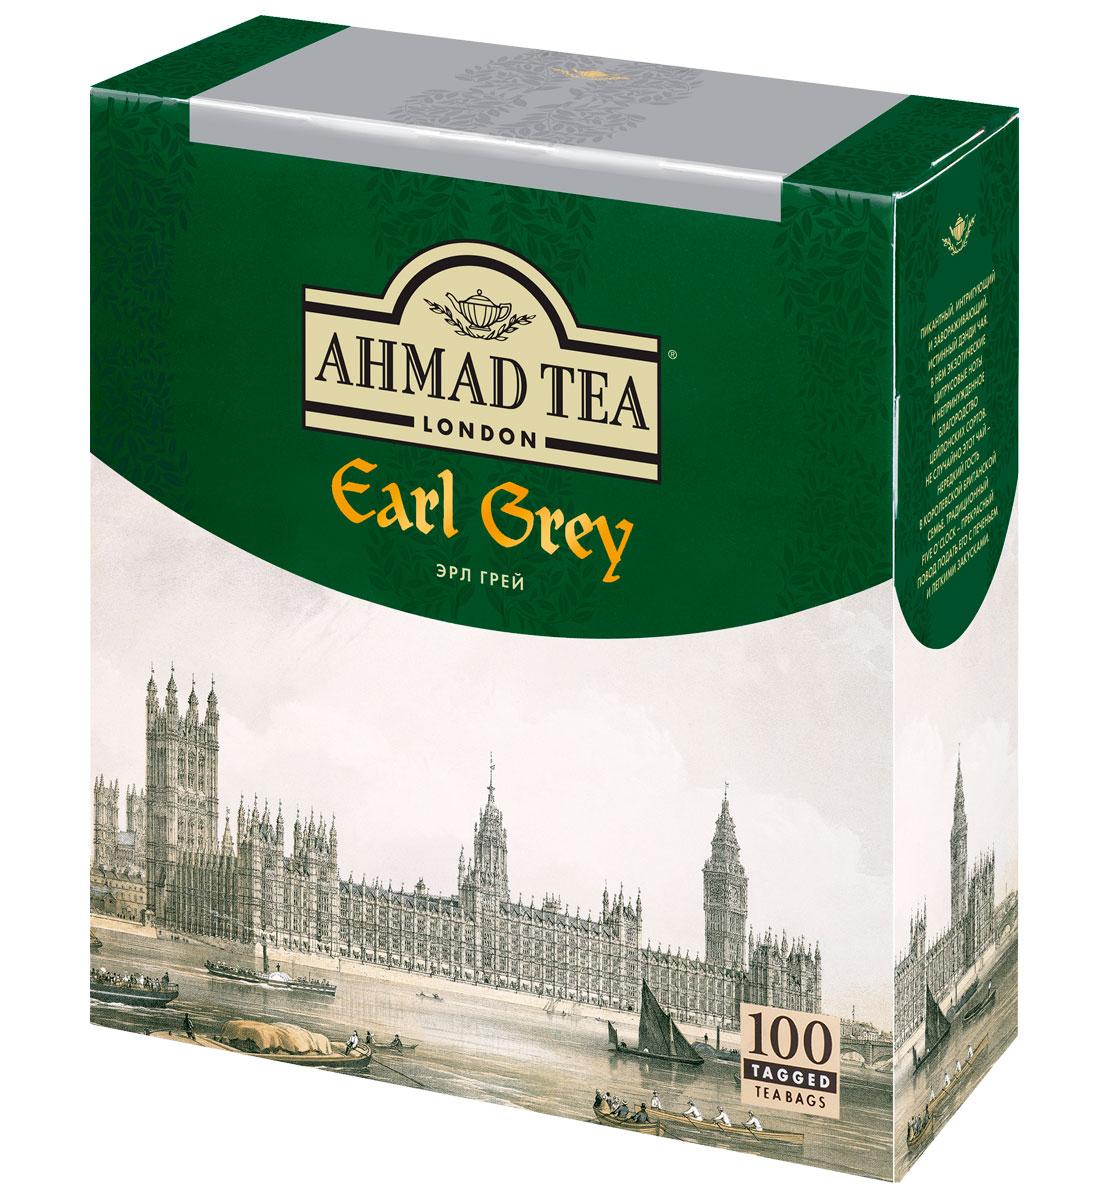 Ahmad Tea Earl Grey черный чай в пакетиках, 100 шт595Ahmad Earl Grey - пикантный, интригующий и завораживающий. Истинный денди чая. В нем экзотические цитрусовые ноты и непринужденное благородство цейлонских сортов. Не случайно этот чай - нередкий гость в королевской британской семье. Традиционный five oclock - прекрасный повод подать его с печеньем и легкими закусками. Заваривать 3-5 минут, температура воды 100°С.